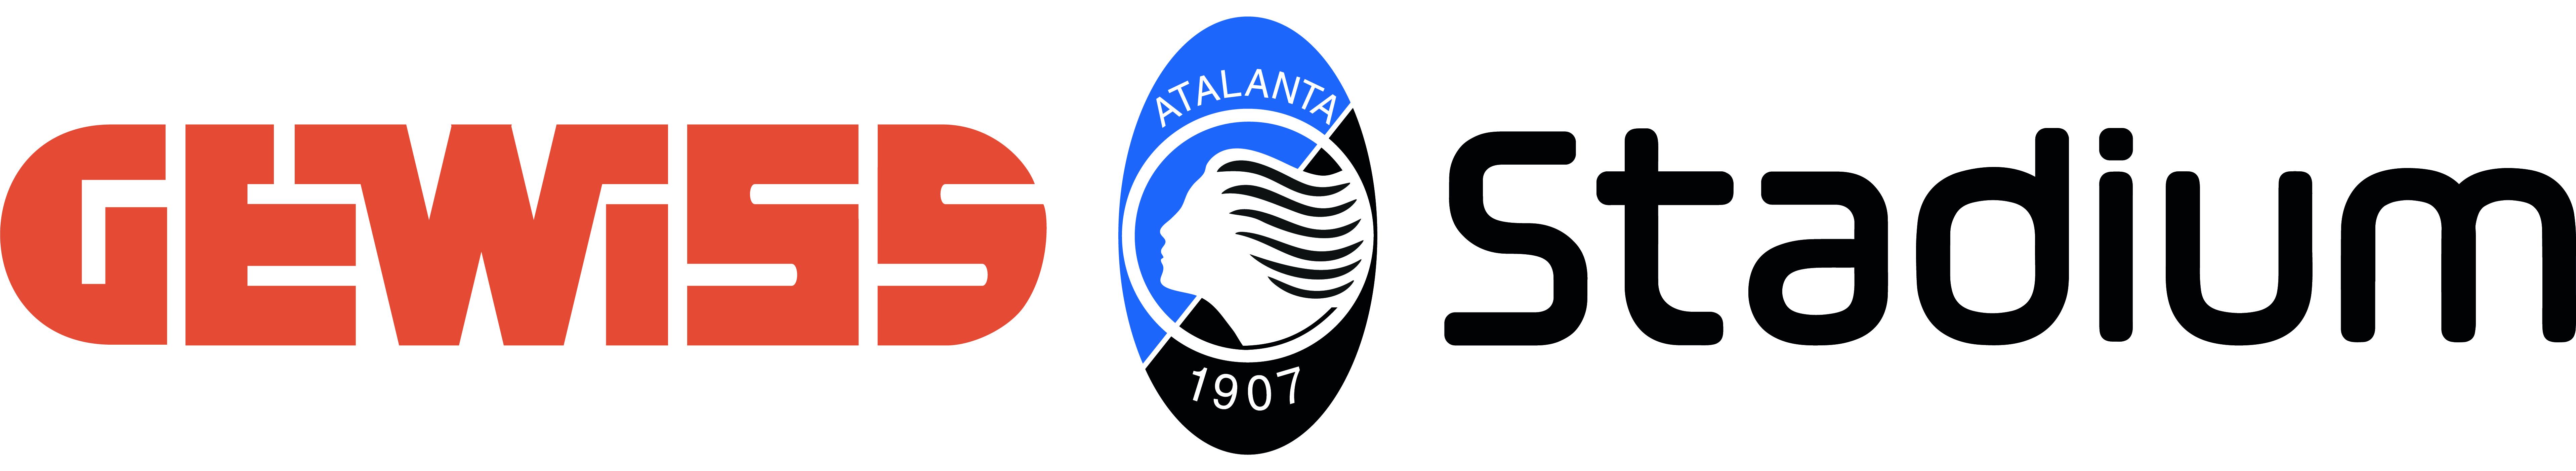 GEWISS STADIUM - logo